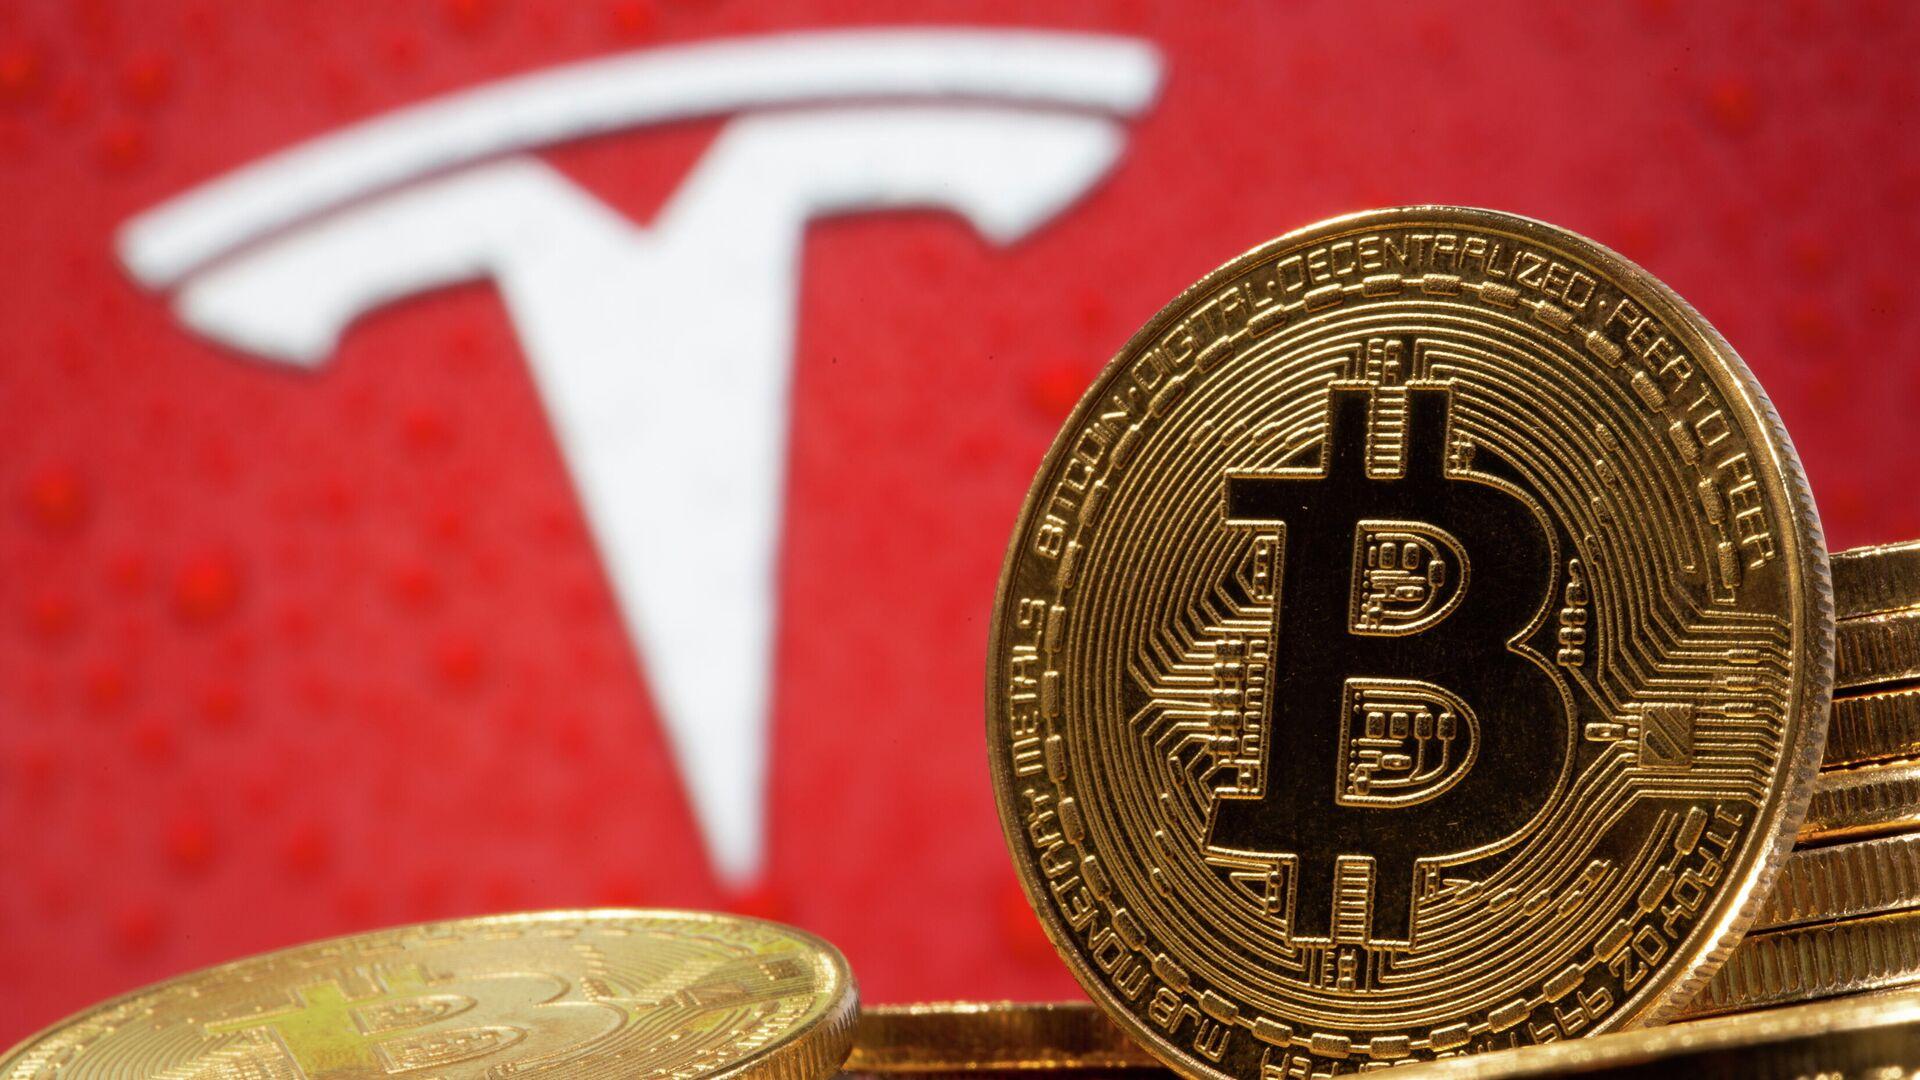 Криптовалюта биткоин на фоне иллюстрации с логотипом Tesla - РИА Новости, 1920, 03.03.2021